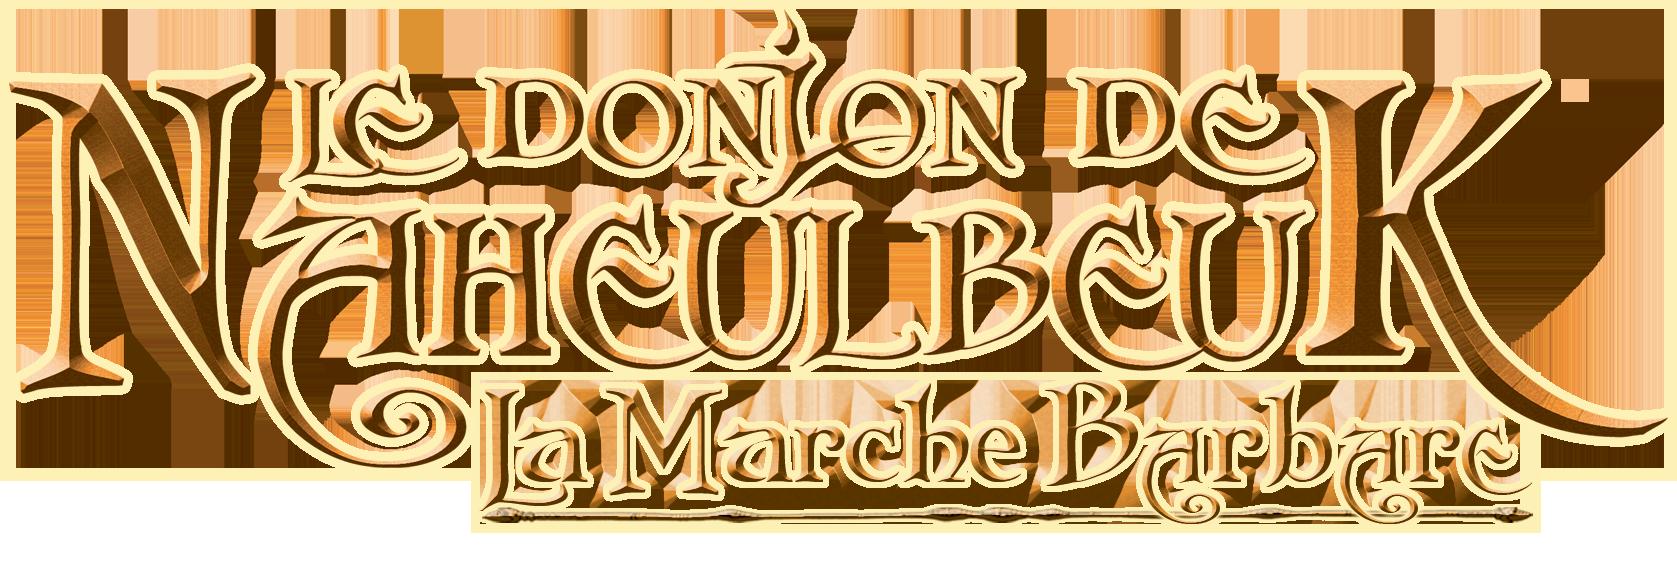 logo La Marche Barbare